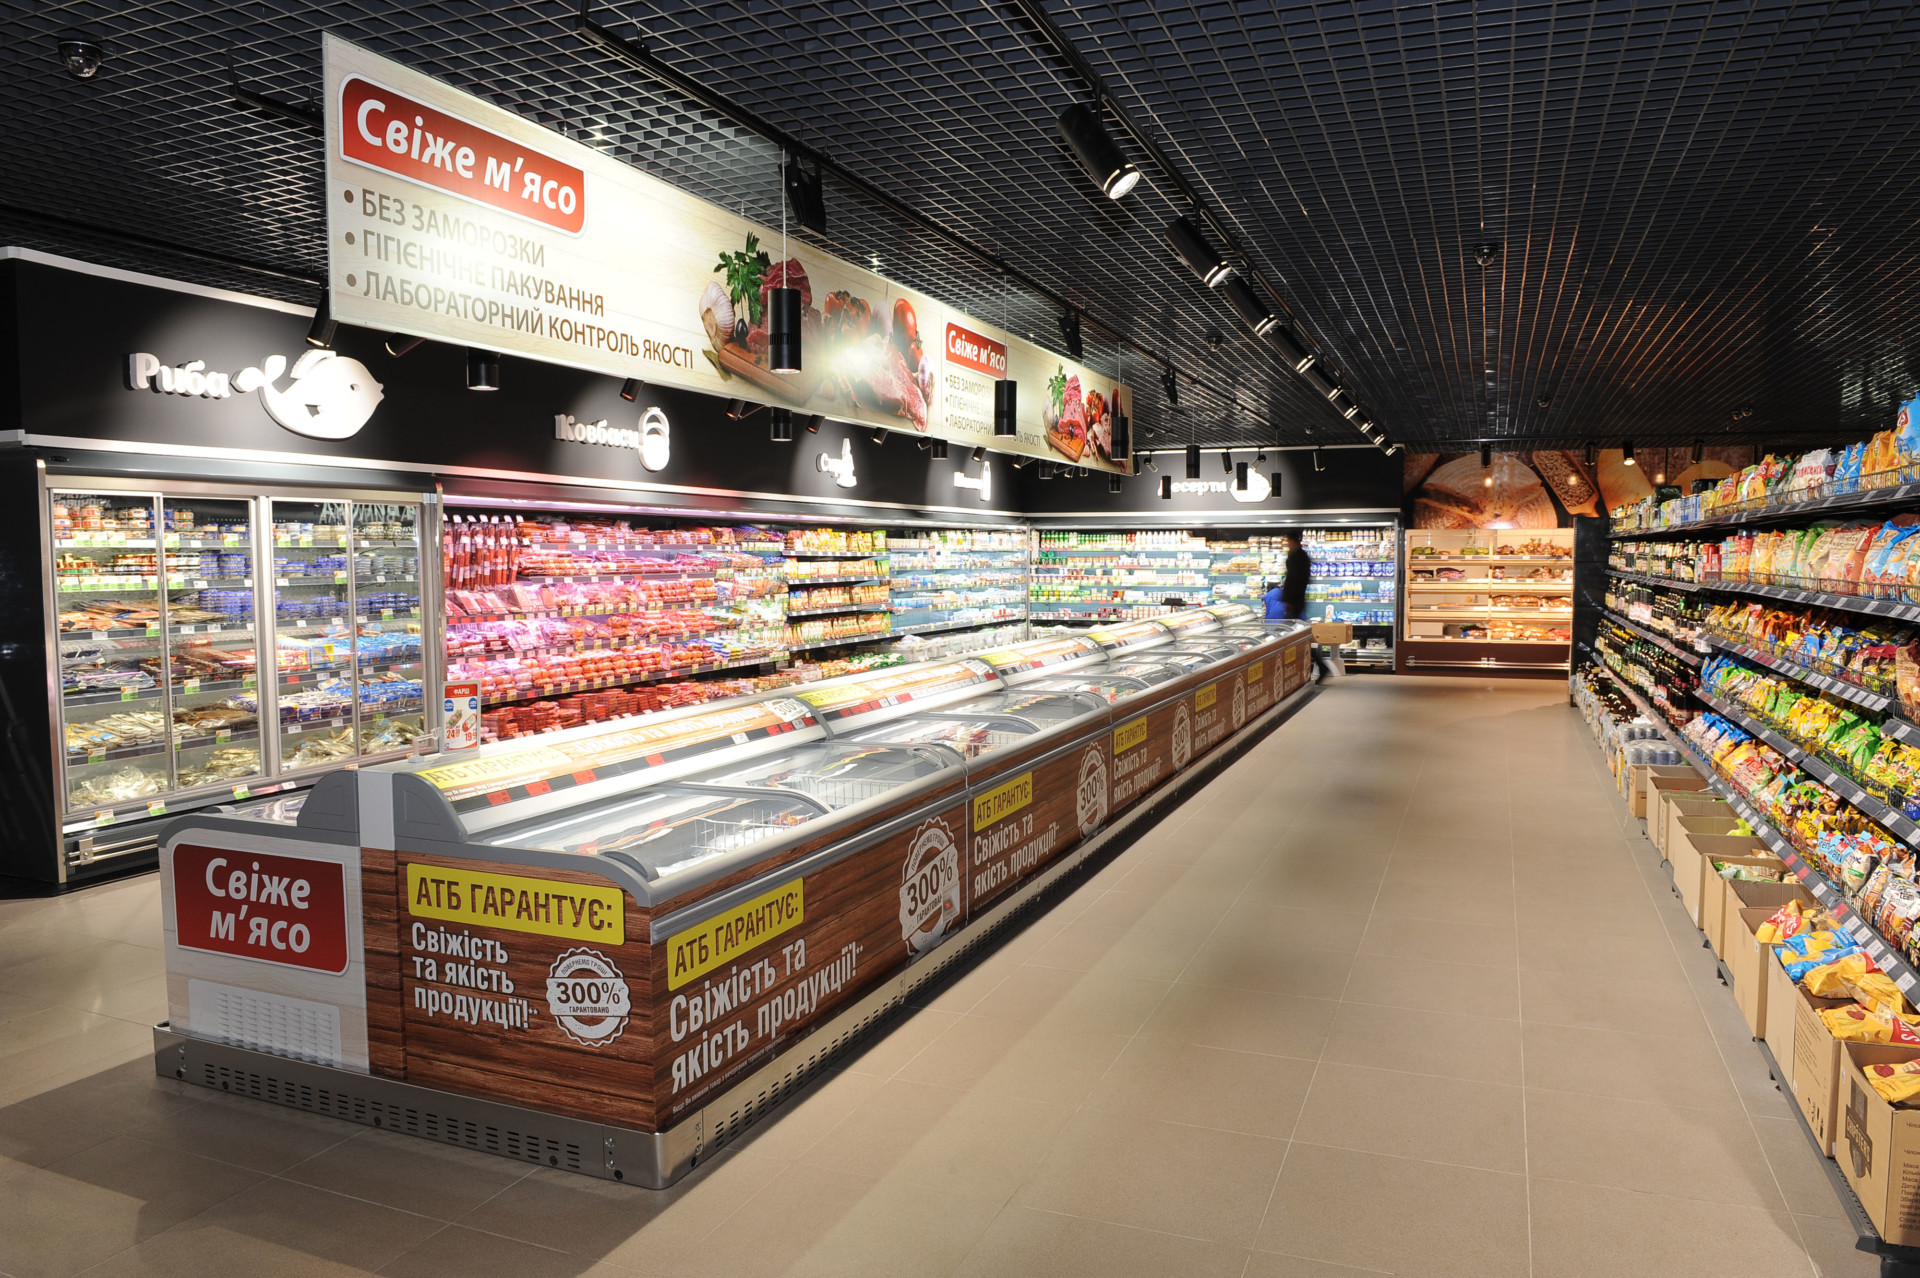 80ca1b668ebd4e Сейчас компания является самой крупной розничной сетью в Украине и  насчитывает более 800 магазинов, которые расположены в 202 населенных  пунктах 16 областей ...